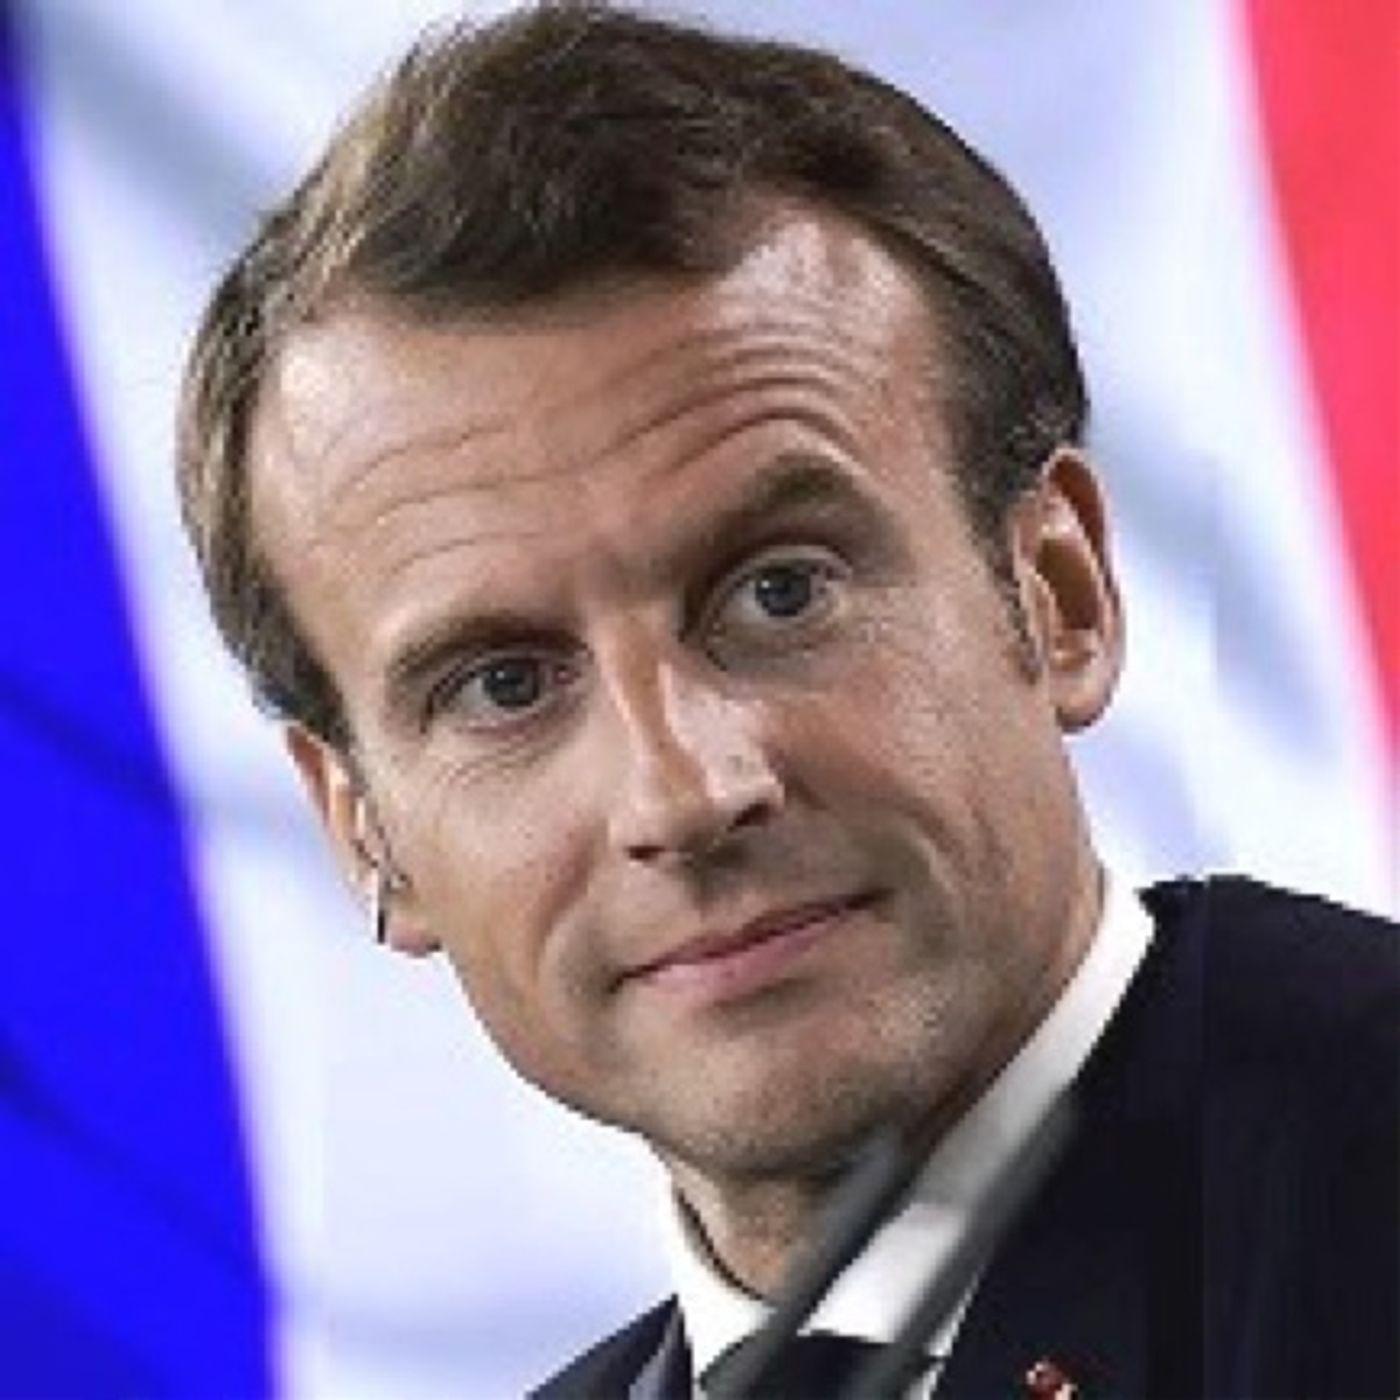 Quanto è stupido il diritto alla blasfemia rivendicato da Macron